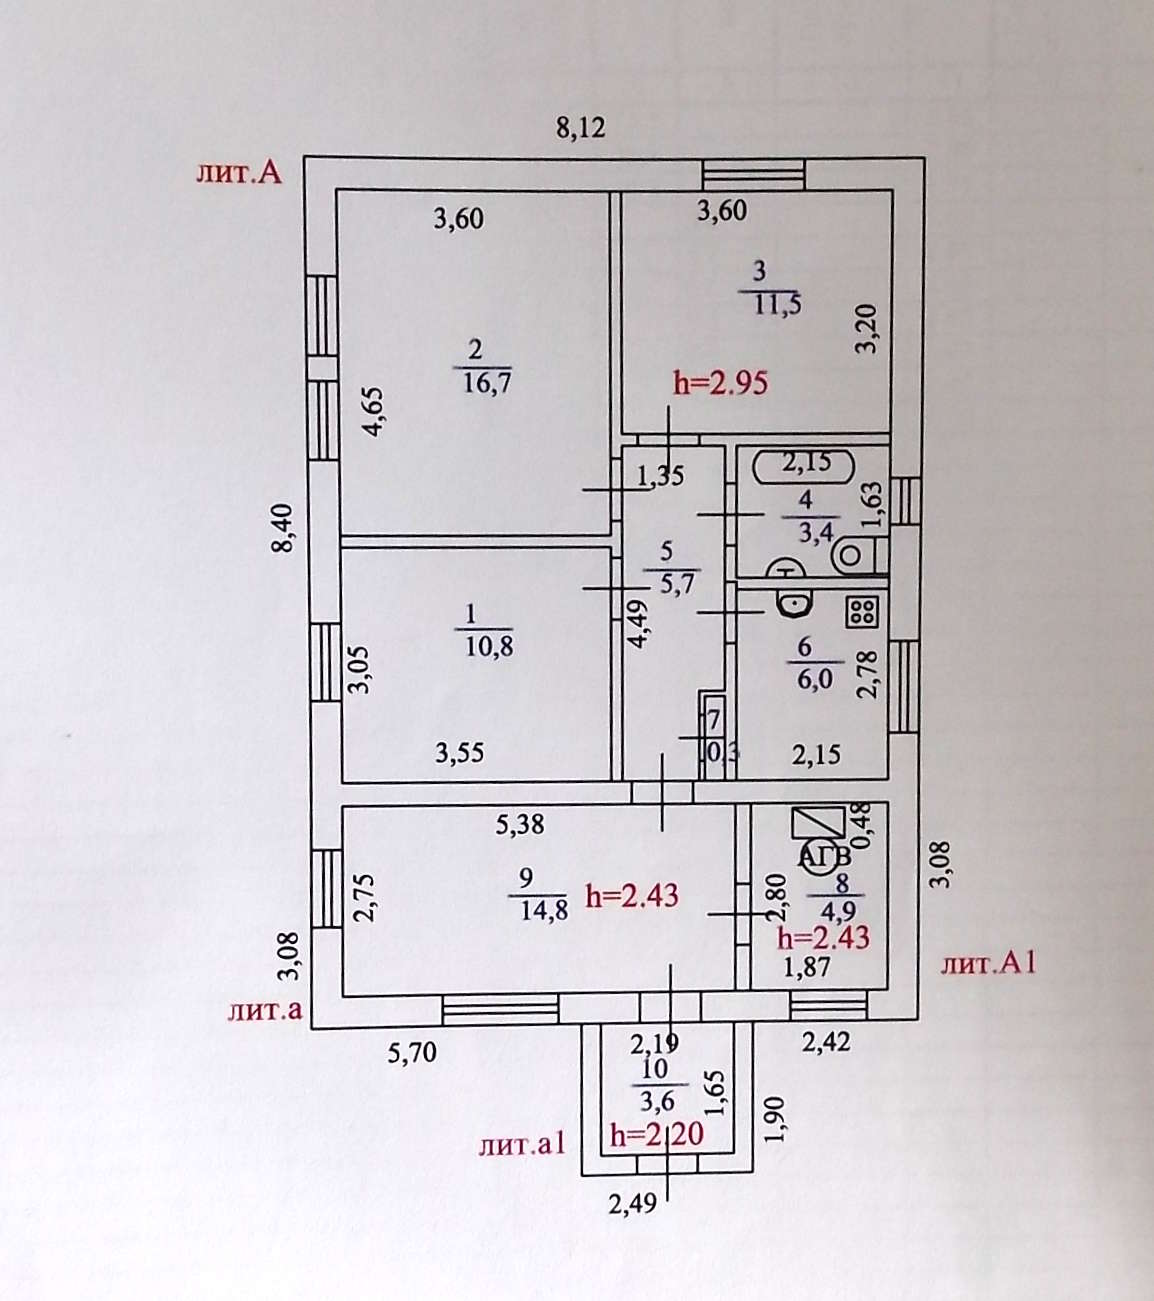 Продажа дома, 77м <sup>2</sup>, 7 сот., г. Тольятти, Инженерная улица